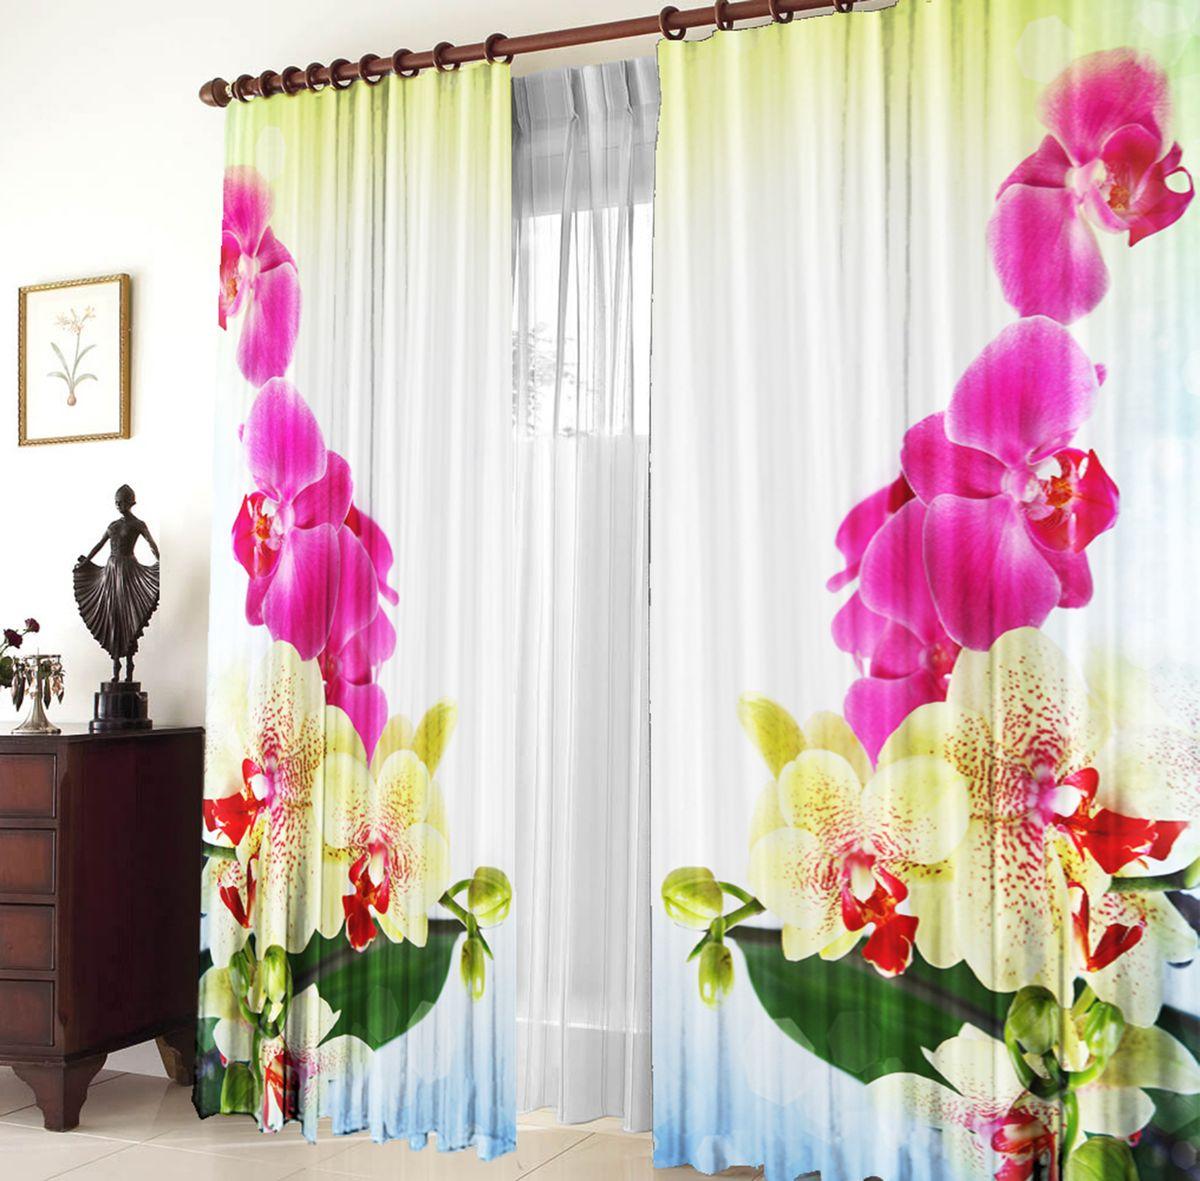 Комплект фотоштор Zlata Korunka Тигровая орхидея, на ленте, высота 270 смS03301004Комплект фотоштор Zlata Korunka изготовлен из габардиновой ткани высочайшего качества. Фотошторы способны не пропускать самый яркий свет, их можно гладить и стирать. Рекомендации по уходу: бережная стирка при 30°С, деликатный отжим, отбеливание запрещено, гладить при температуре не более 150°С. Светопоглощение 70%. Плотность ткани: 150 г/м2. Оттенок изделия может отличаться от представленного на сайте в силу особенностей цветопередачи фототехники и вашего монитора.